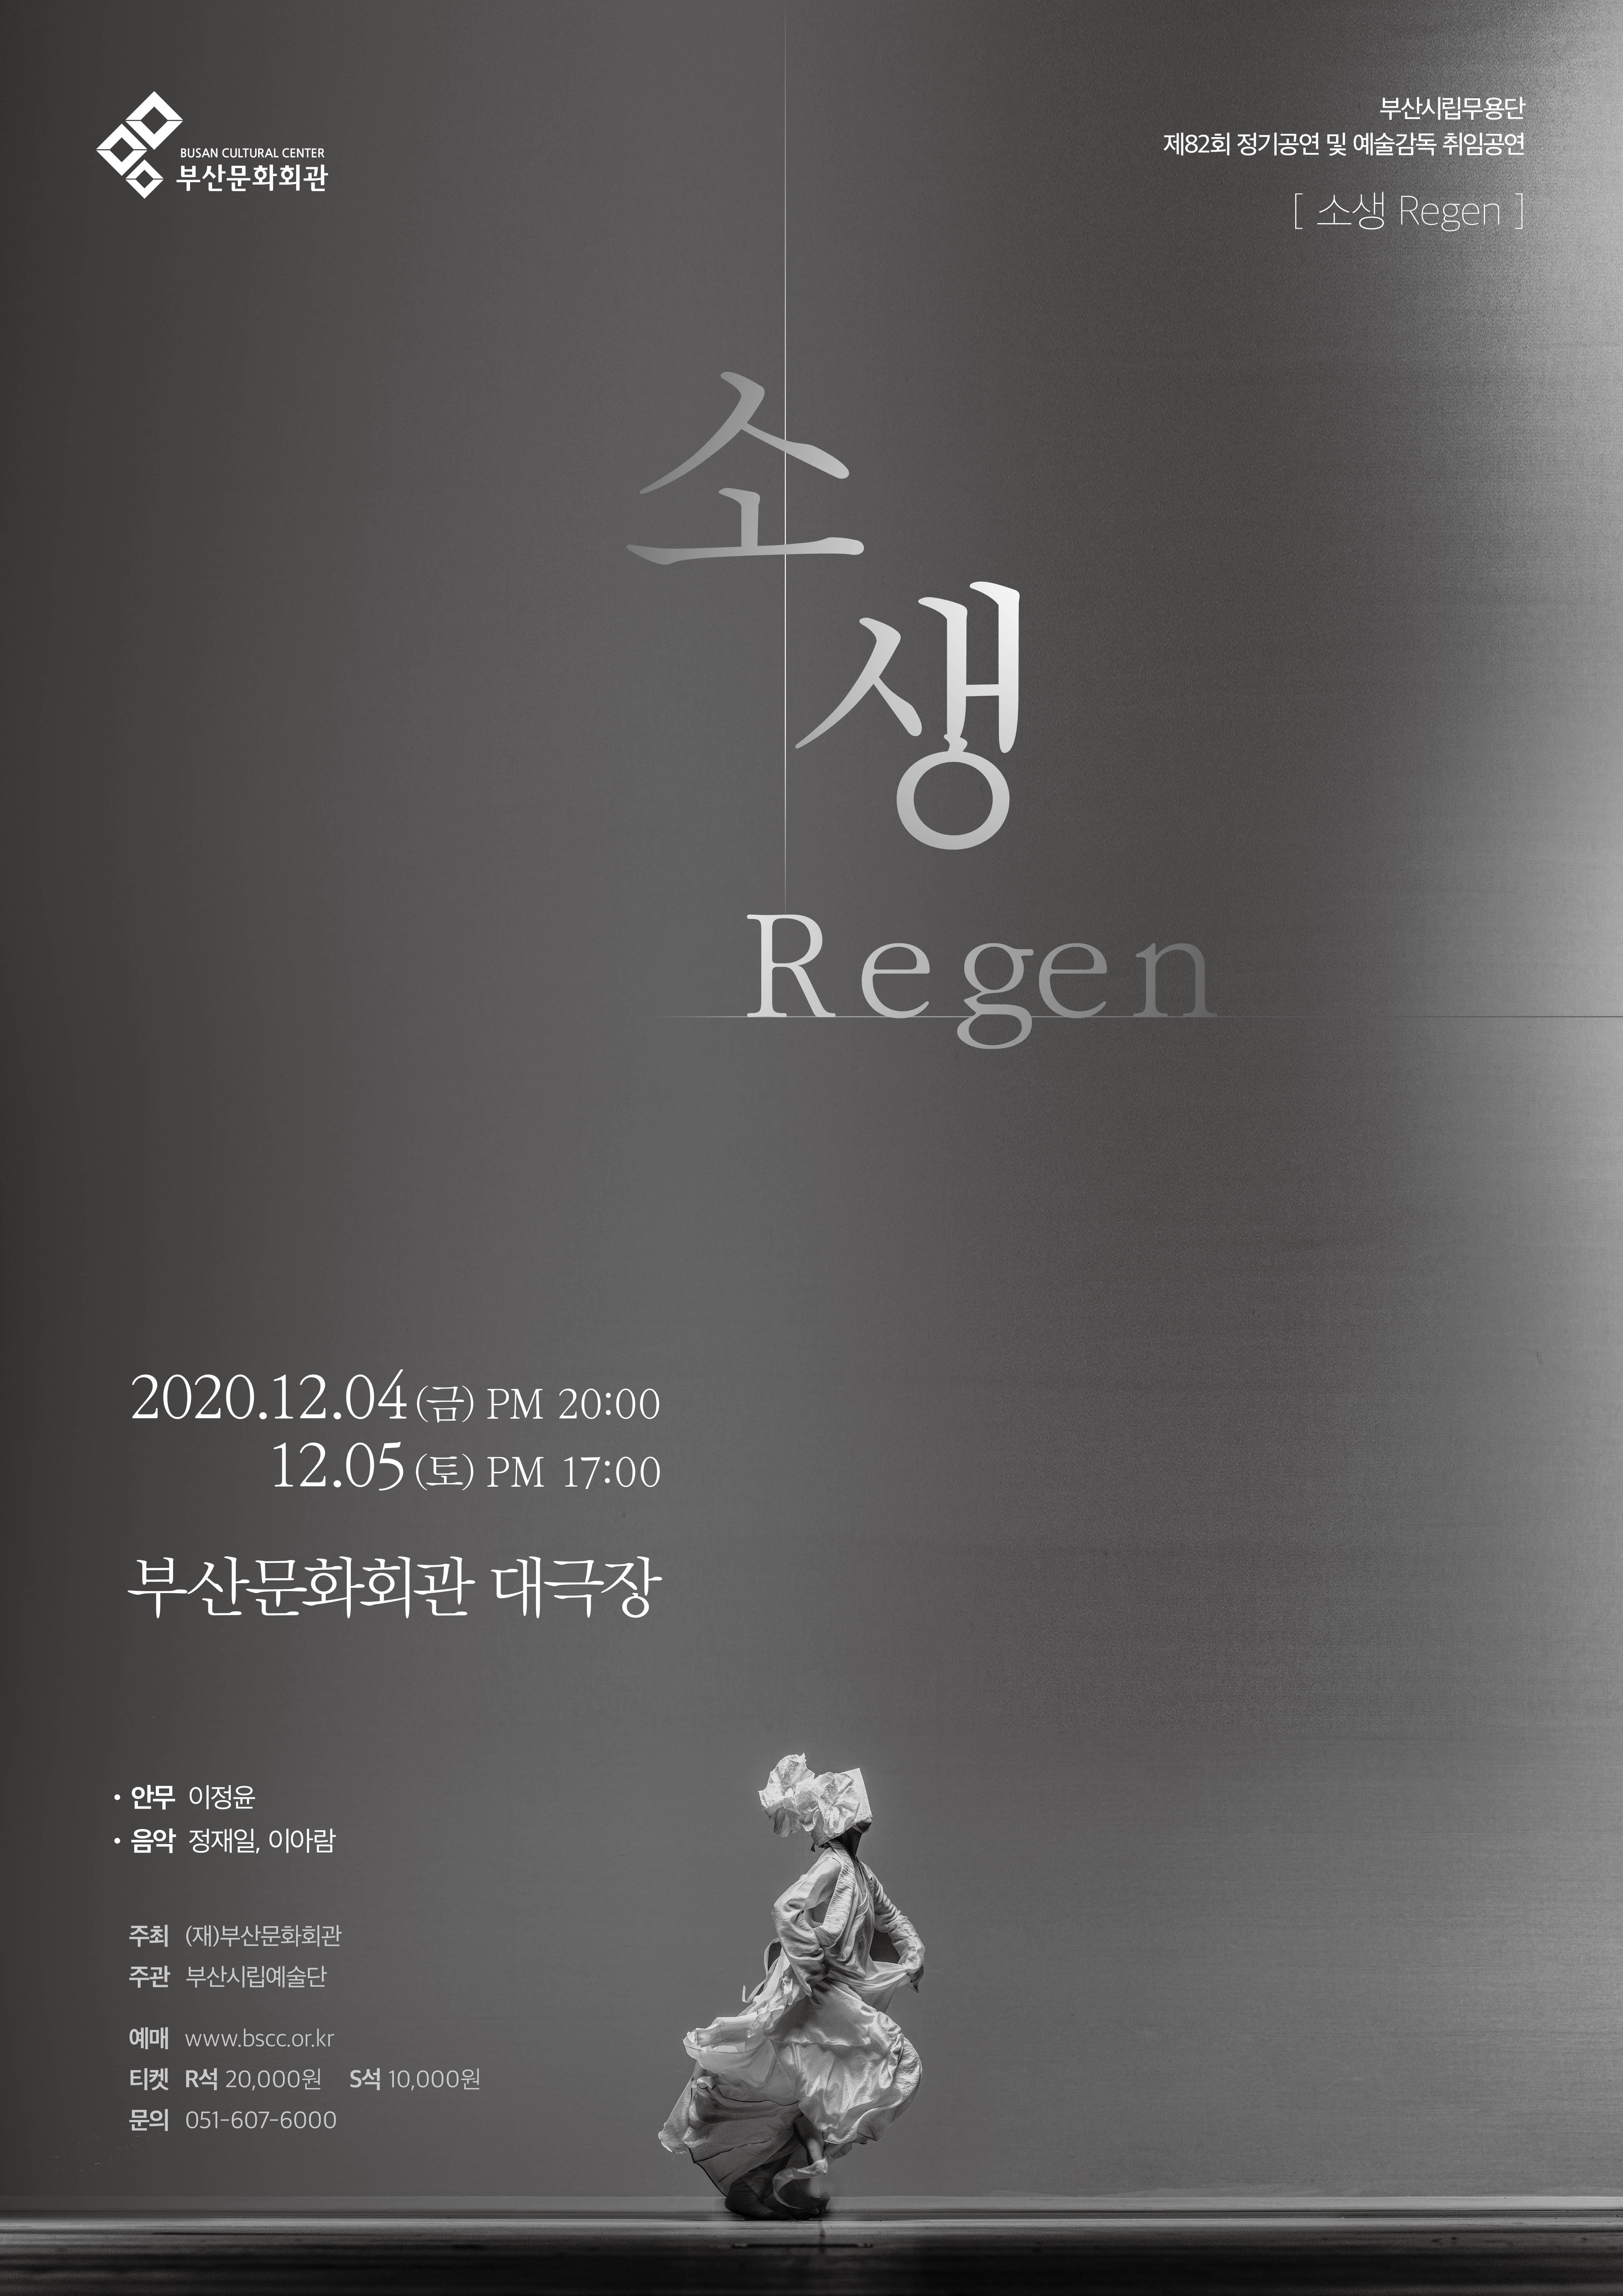 부산시립무용단 제82회 정기공연 <소생>Regen